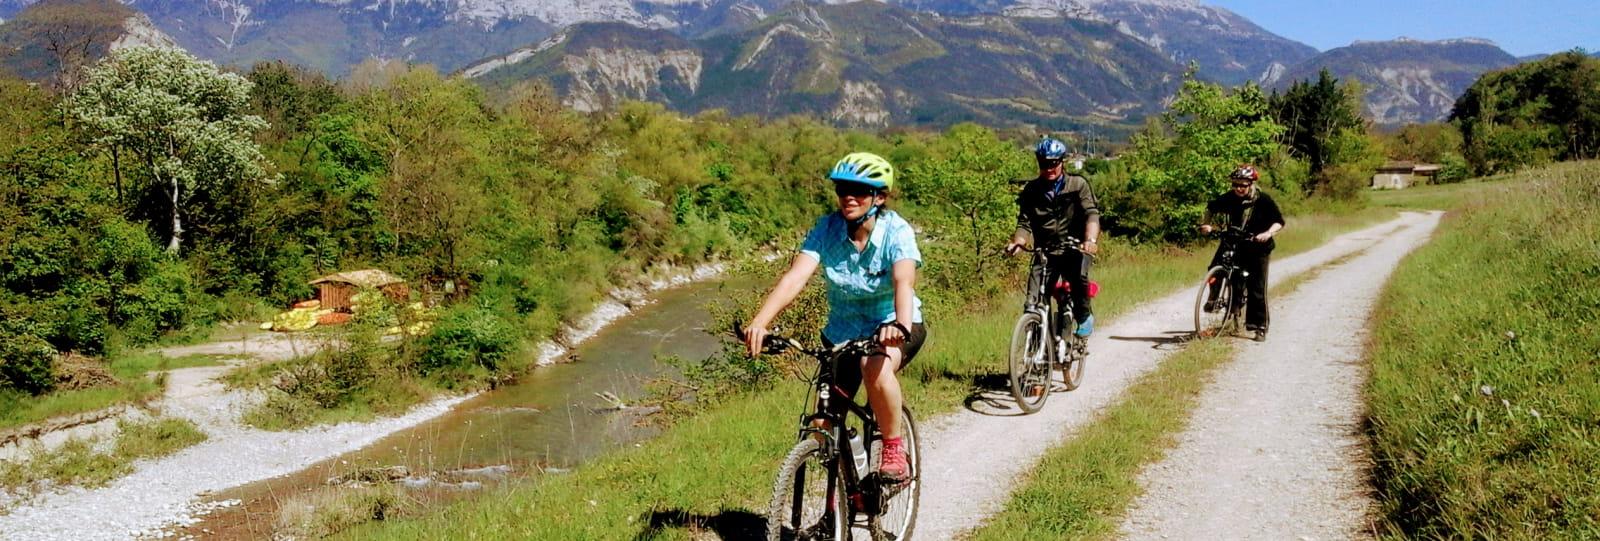 Balade guidée à vélo électrique - Vautours et brasserie avec BEcyclette